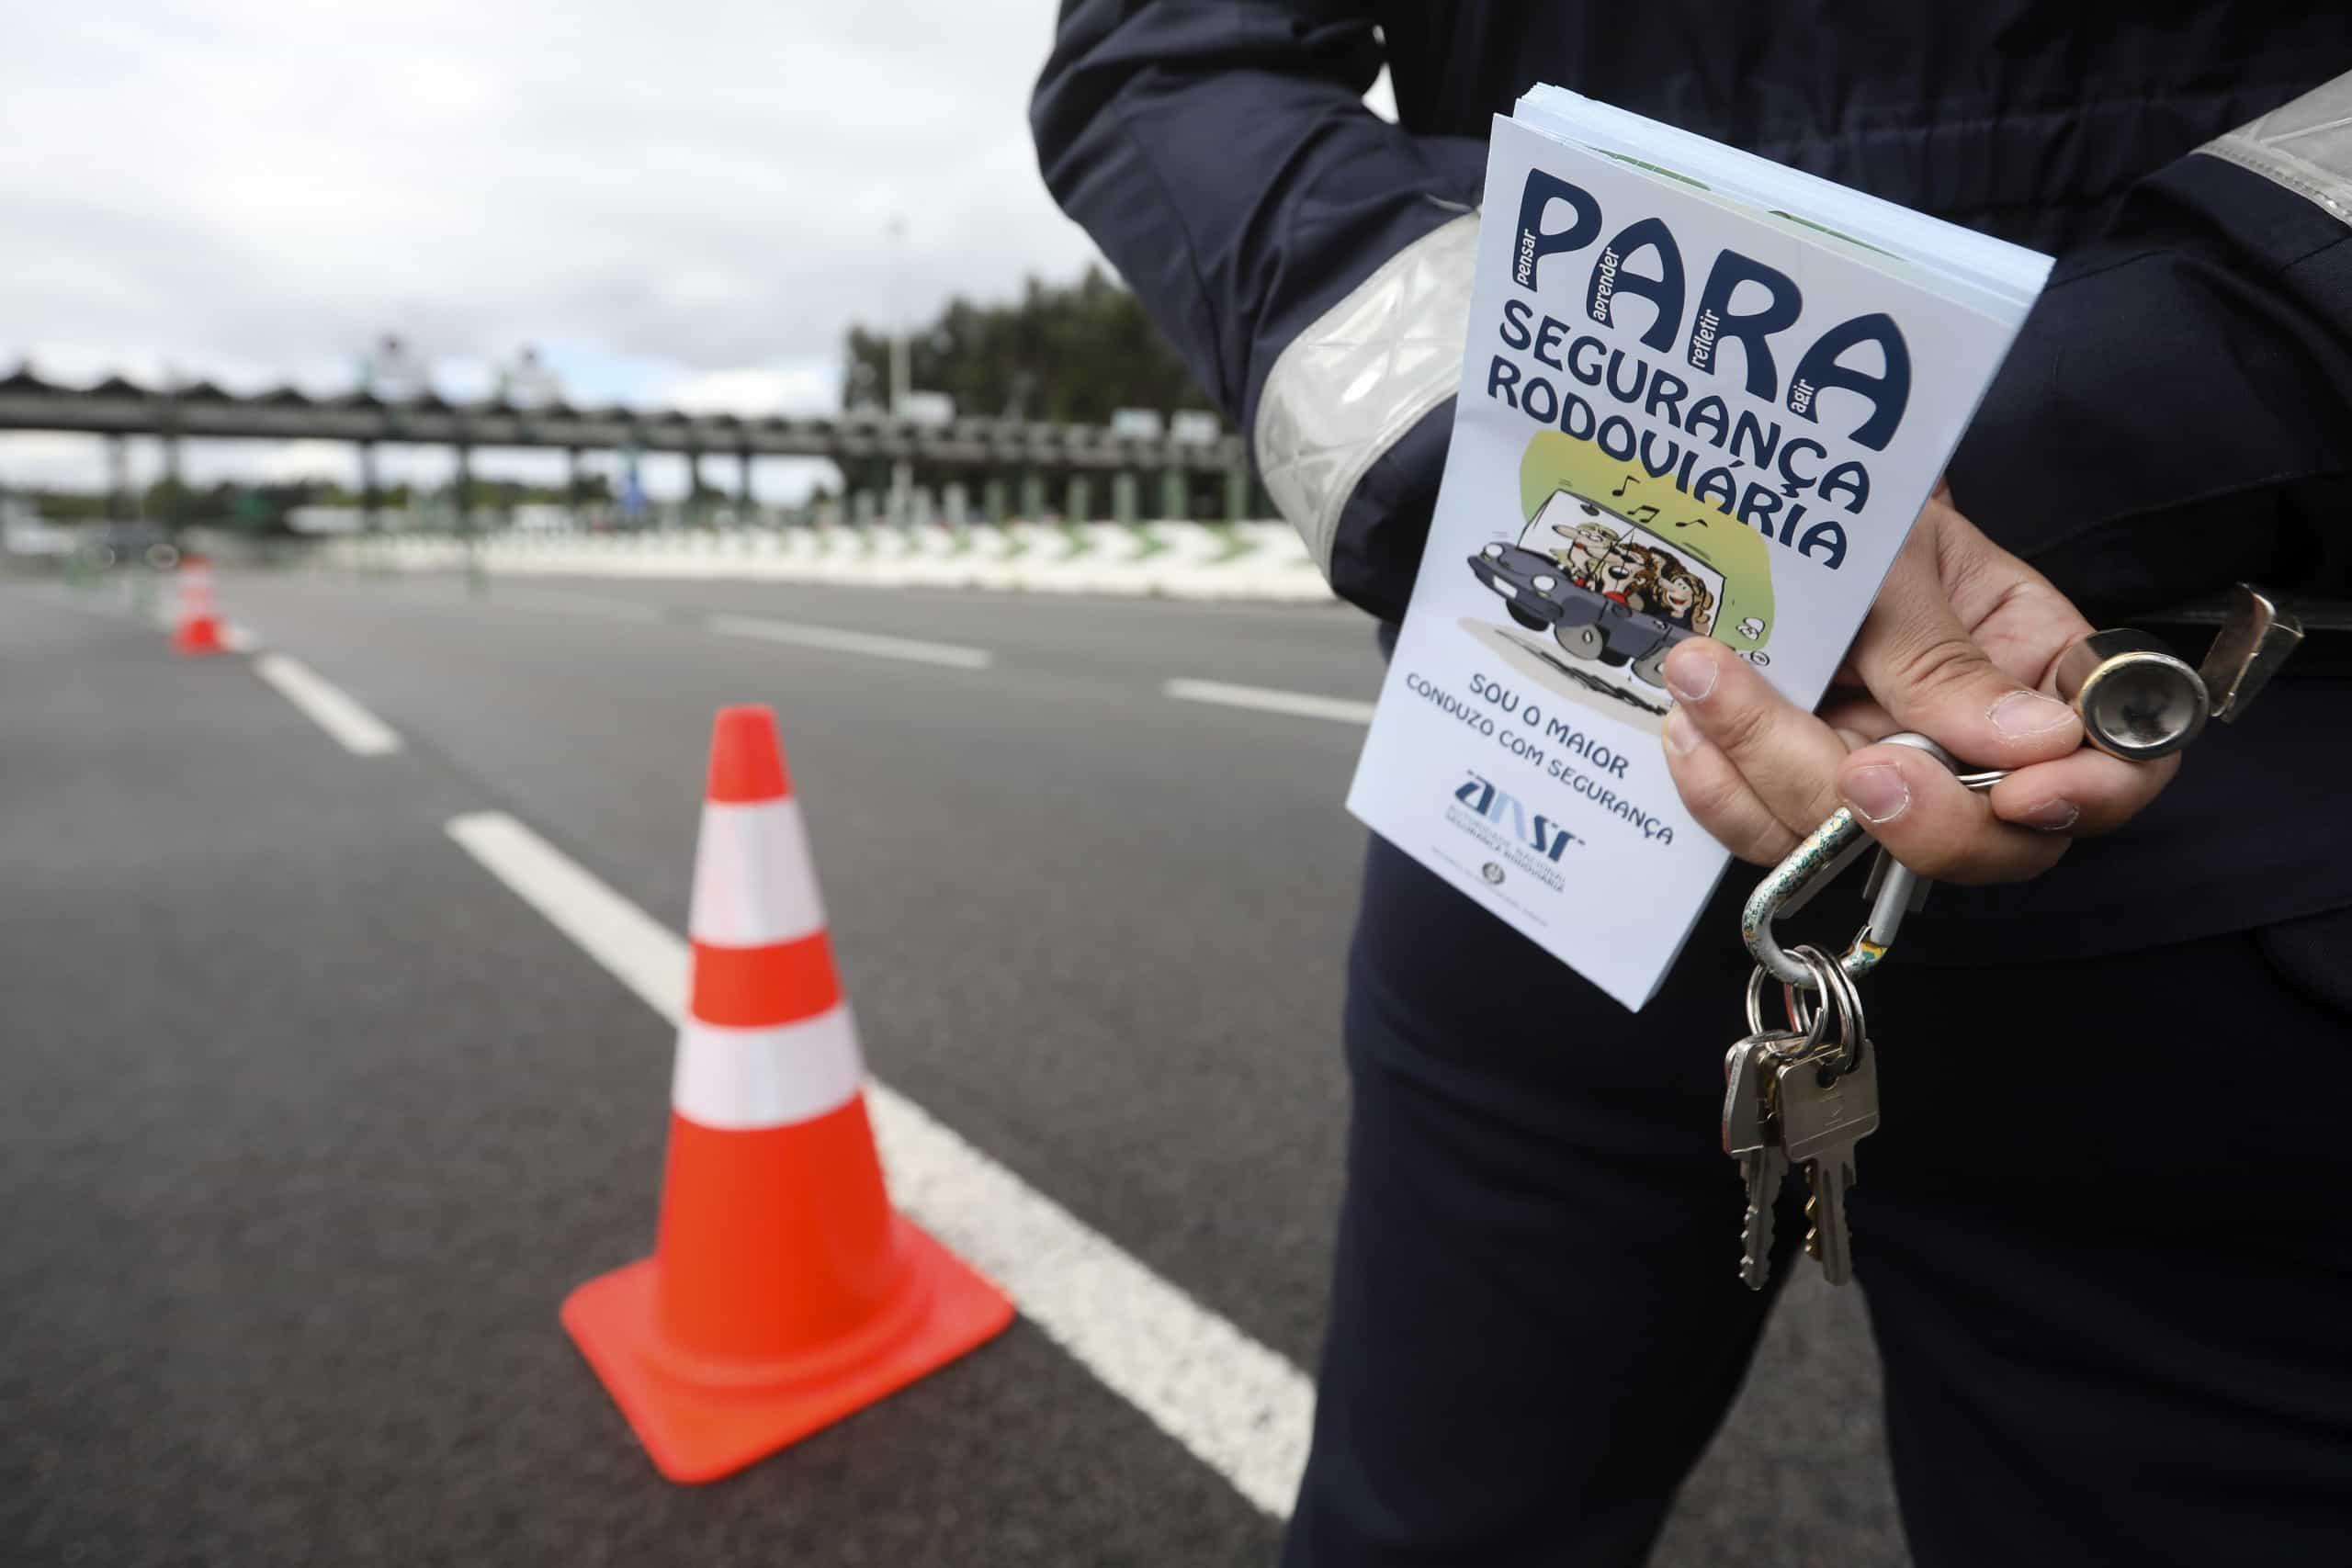 Operação Páscoa 2019 regista 438 acidentes nos dois primeiros dias